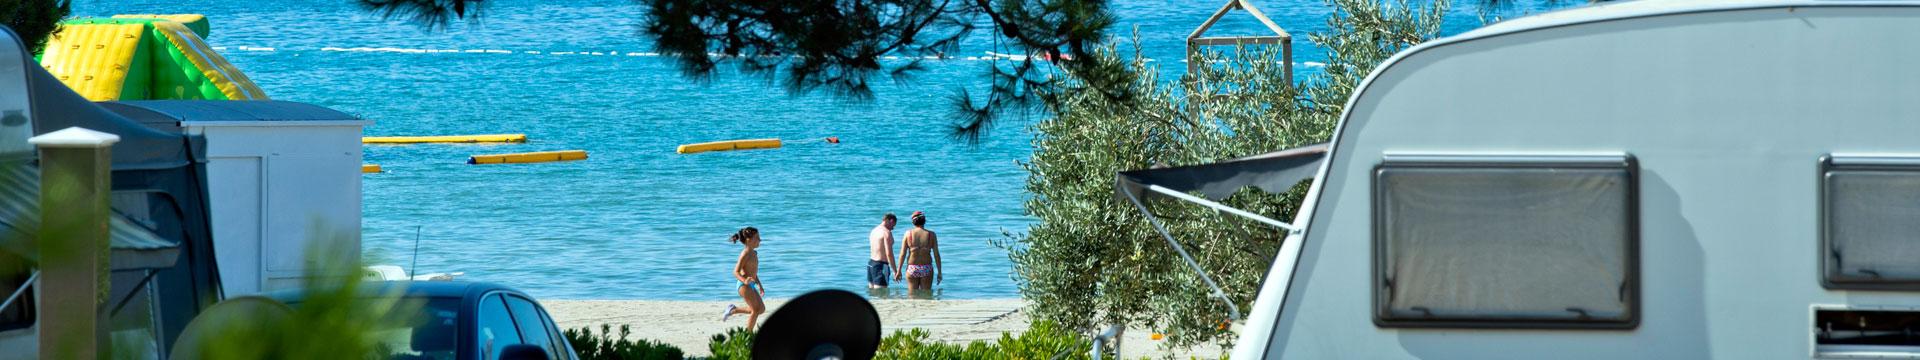 Campeggio in Dalmazia, Zadar | Adria Camps